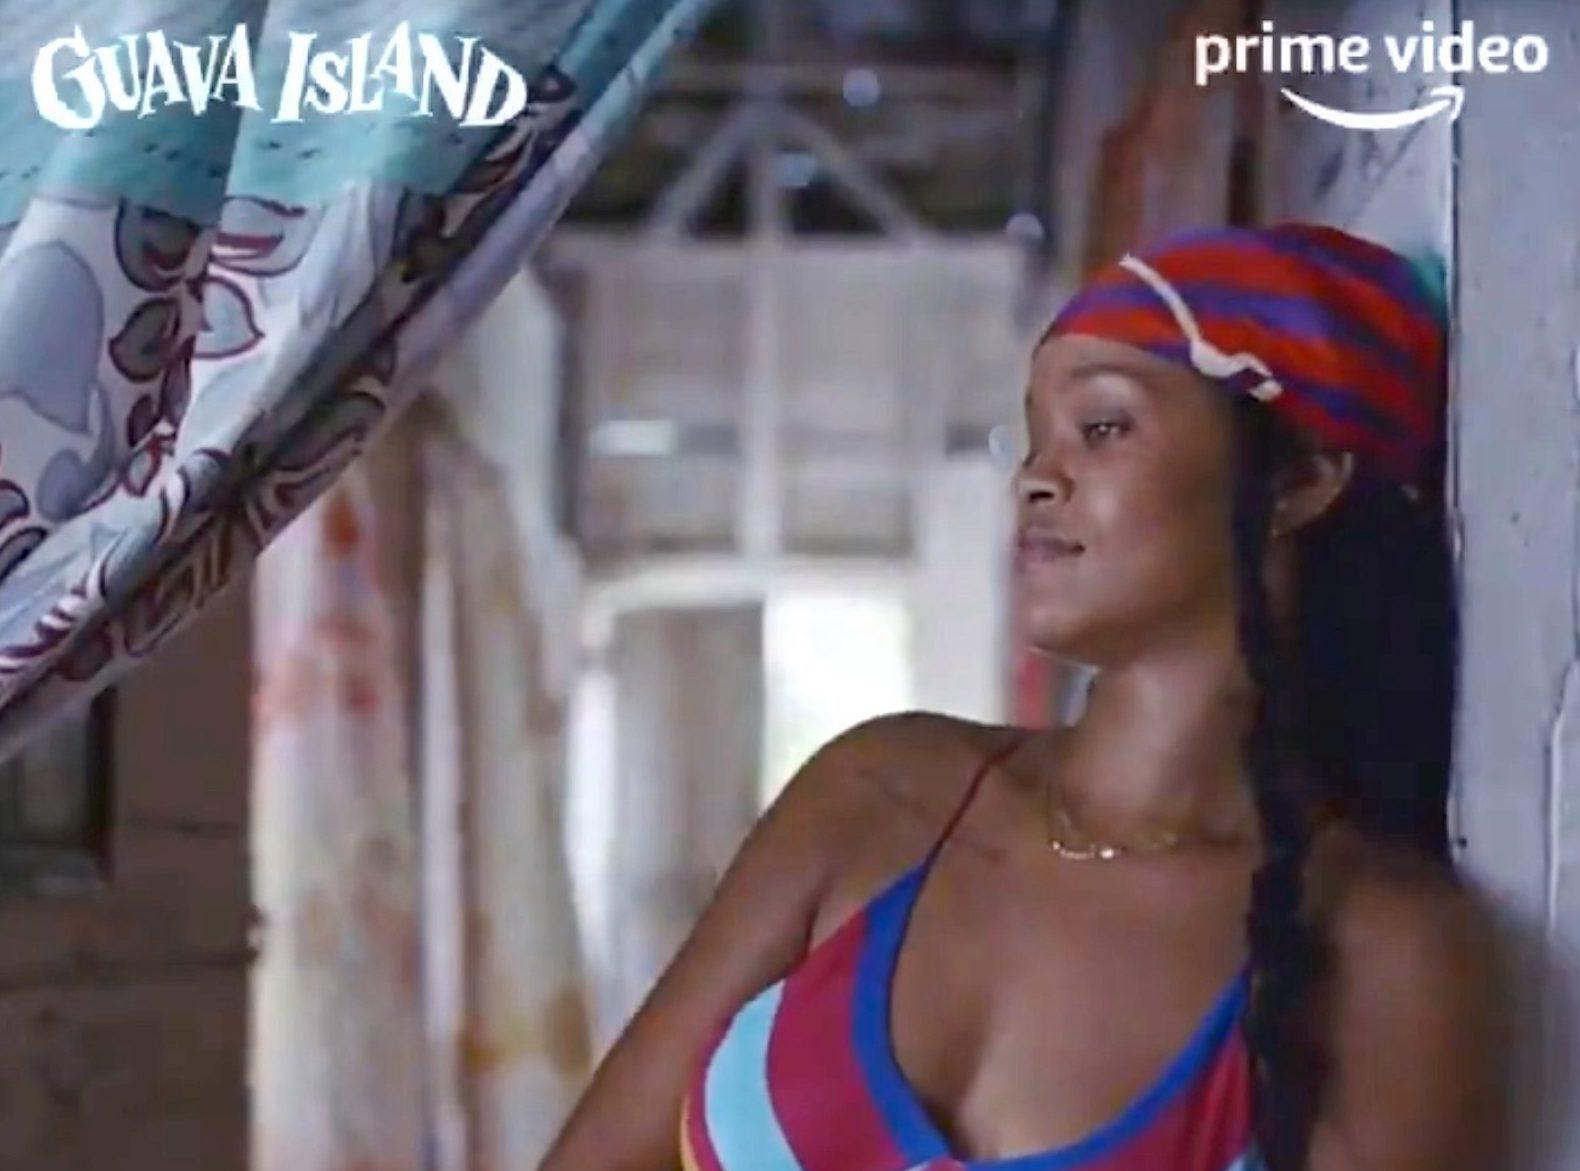 Rihanna has broken silence on Guava Island as she praises Donald Glover AKA Childish Gambino